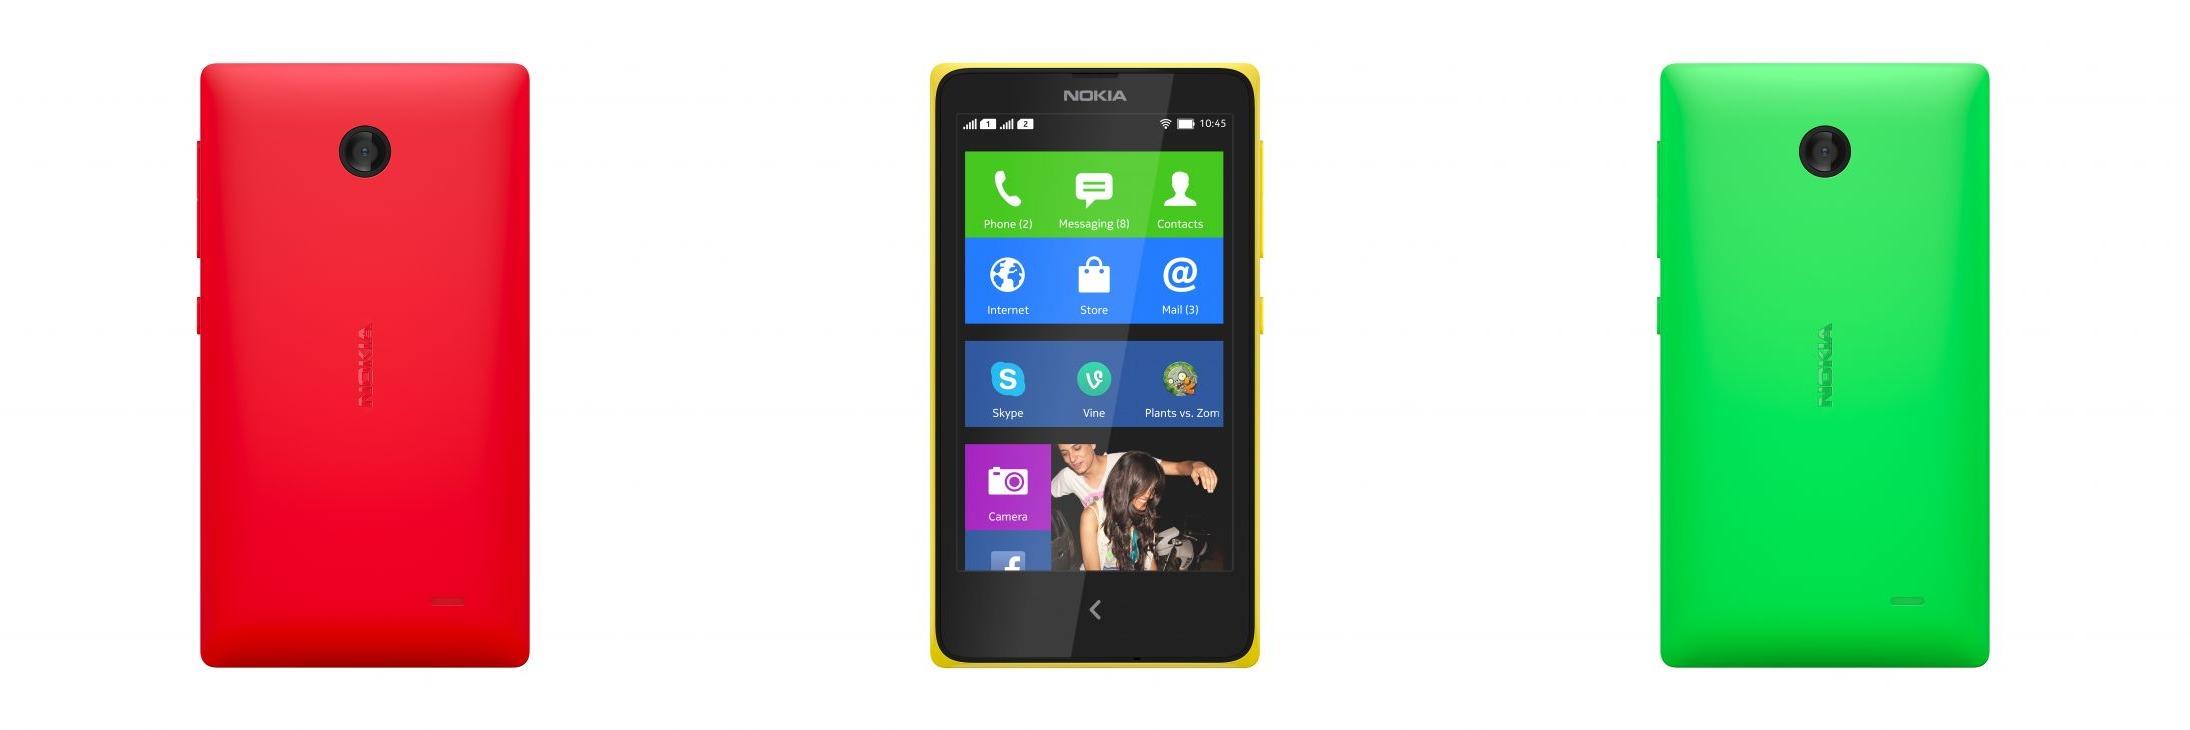 Nokia X Android telefon hakkında bilmek istediğiniz her şey